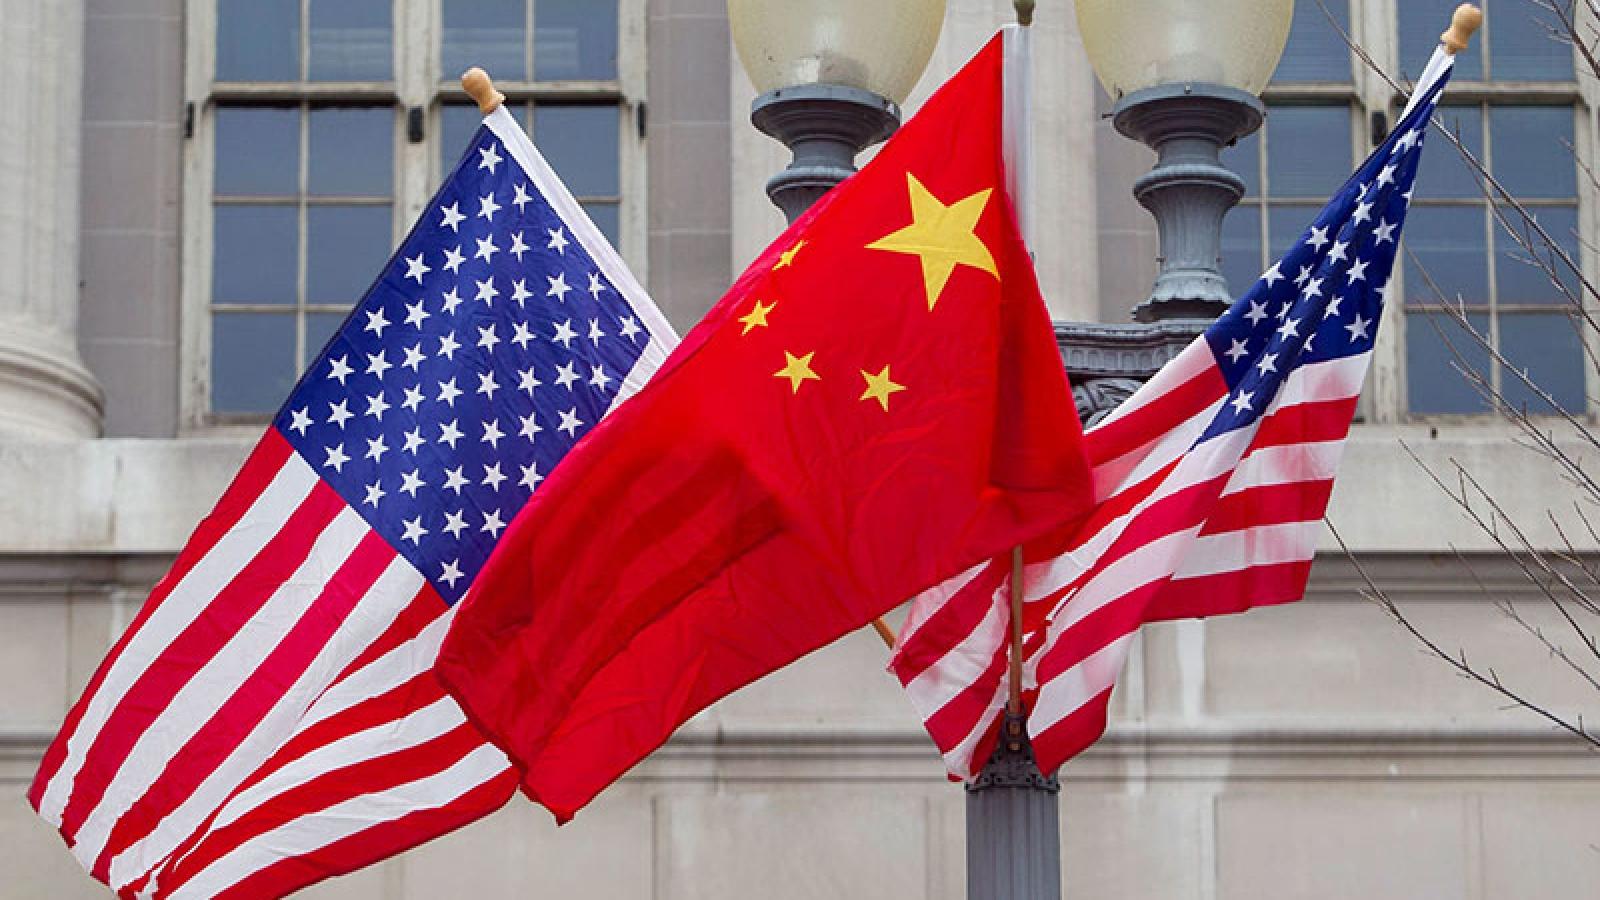 Chính quyền Trung Quốc tức giận vì 3 nhà mạng bị loại khỏi sàn giao dịch New York